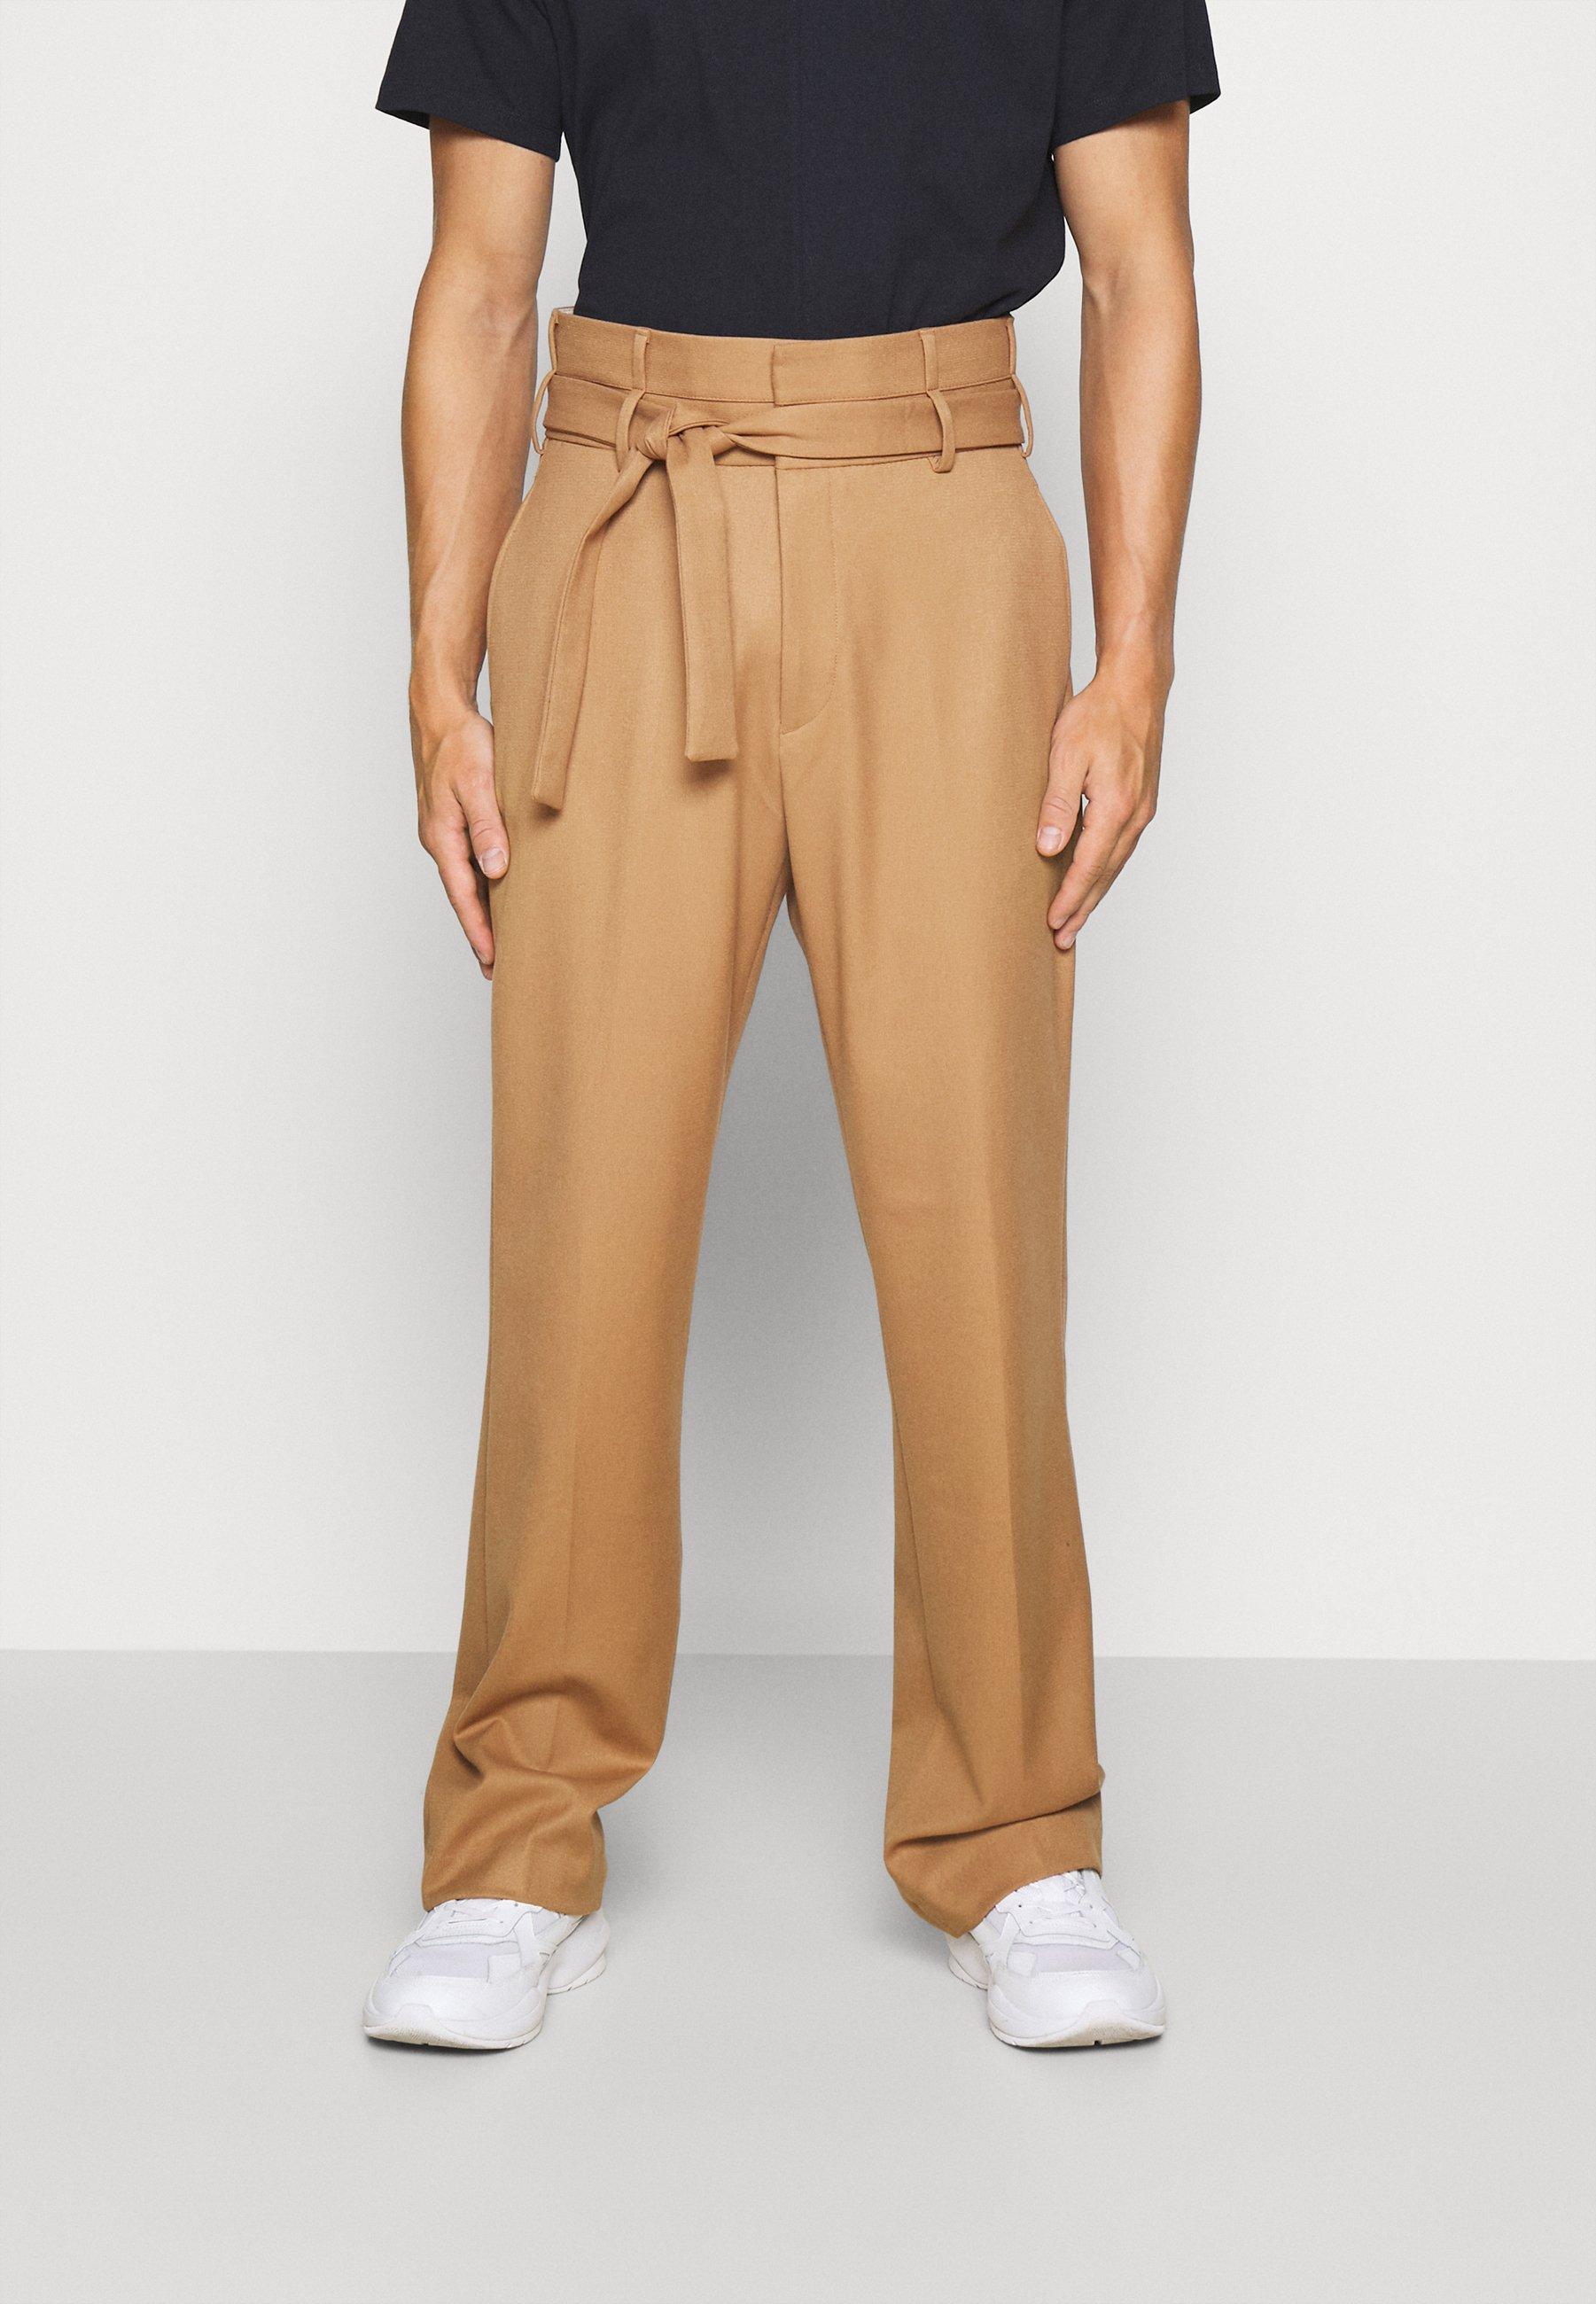 Uomo CALEB TIE UP TROUSERS - Pantaloni